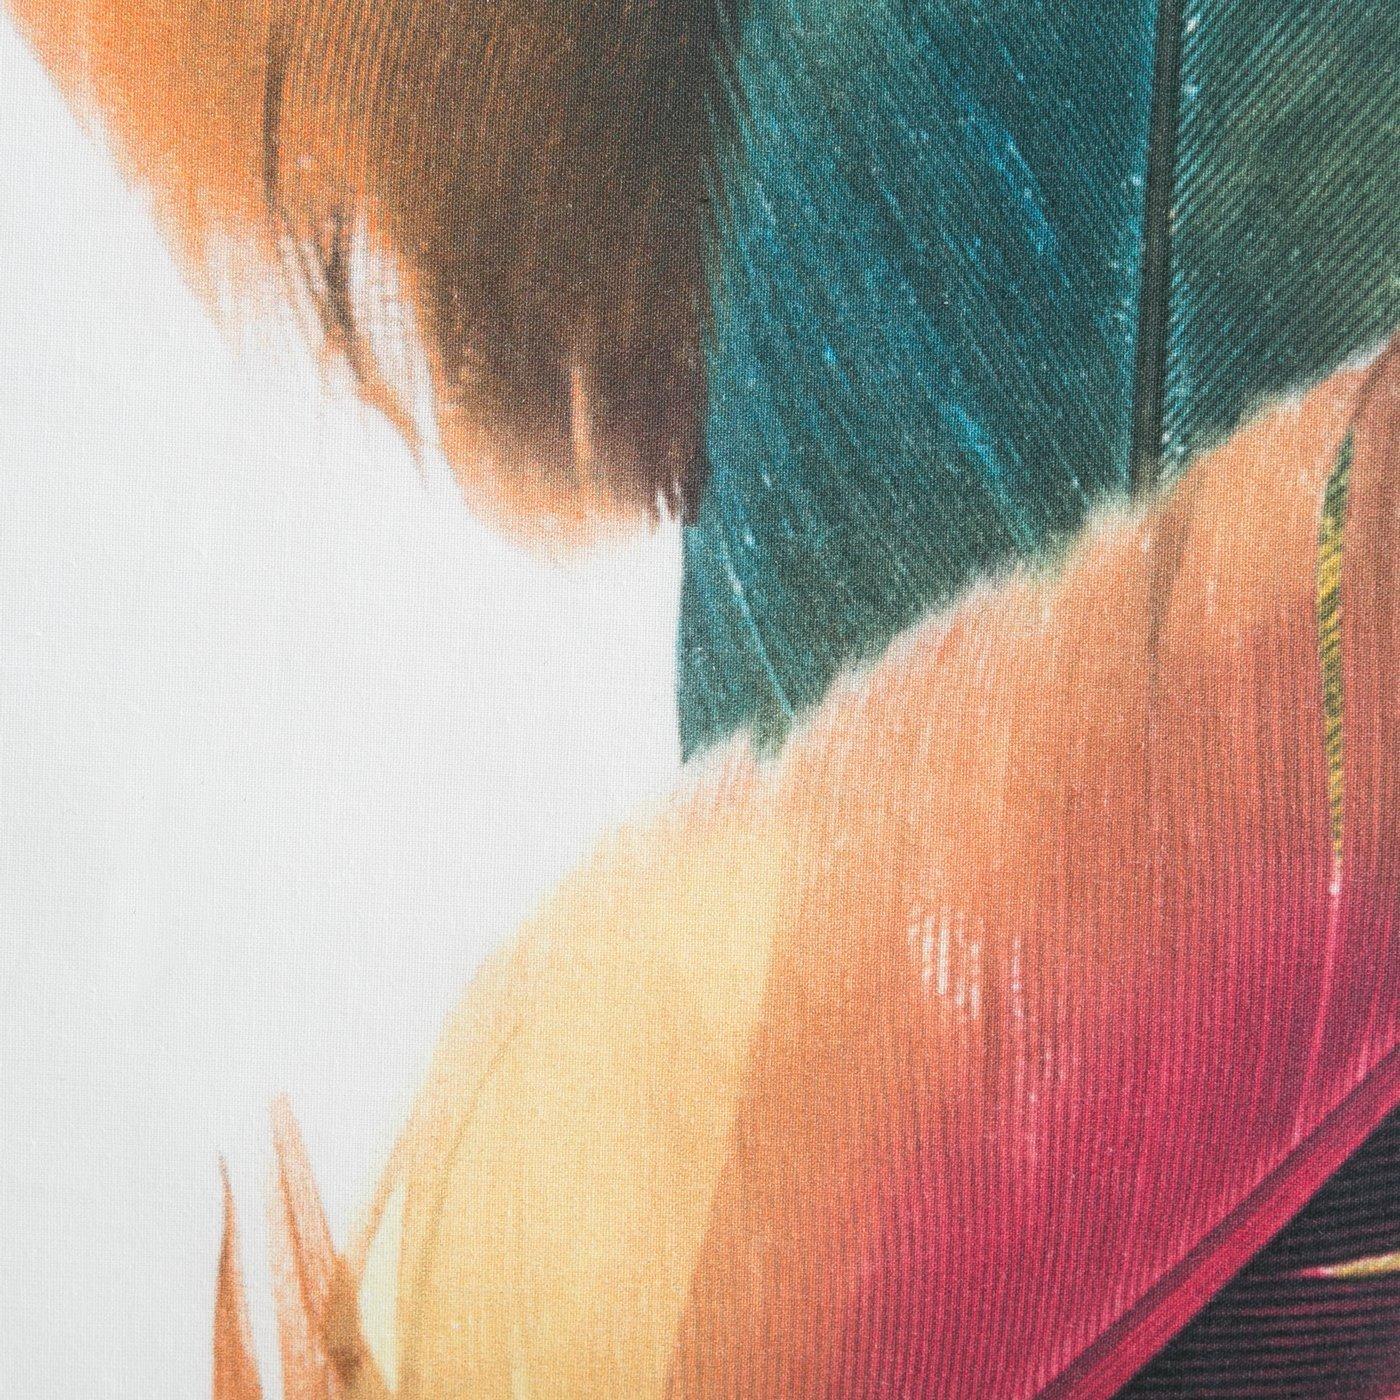 Komplet pościeli bawełnianej 220 x 200, 2 szt. 70 x 80 pióra boho hiszpańska bawełna